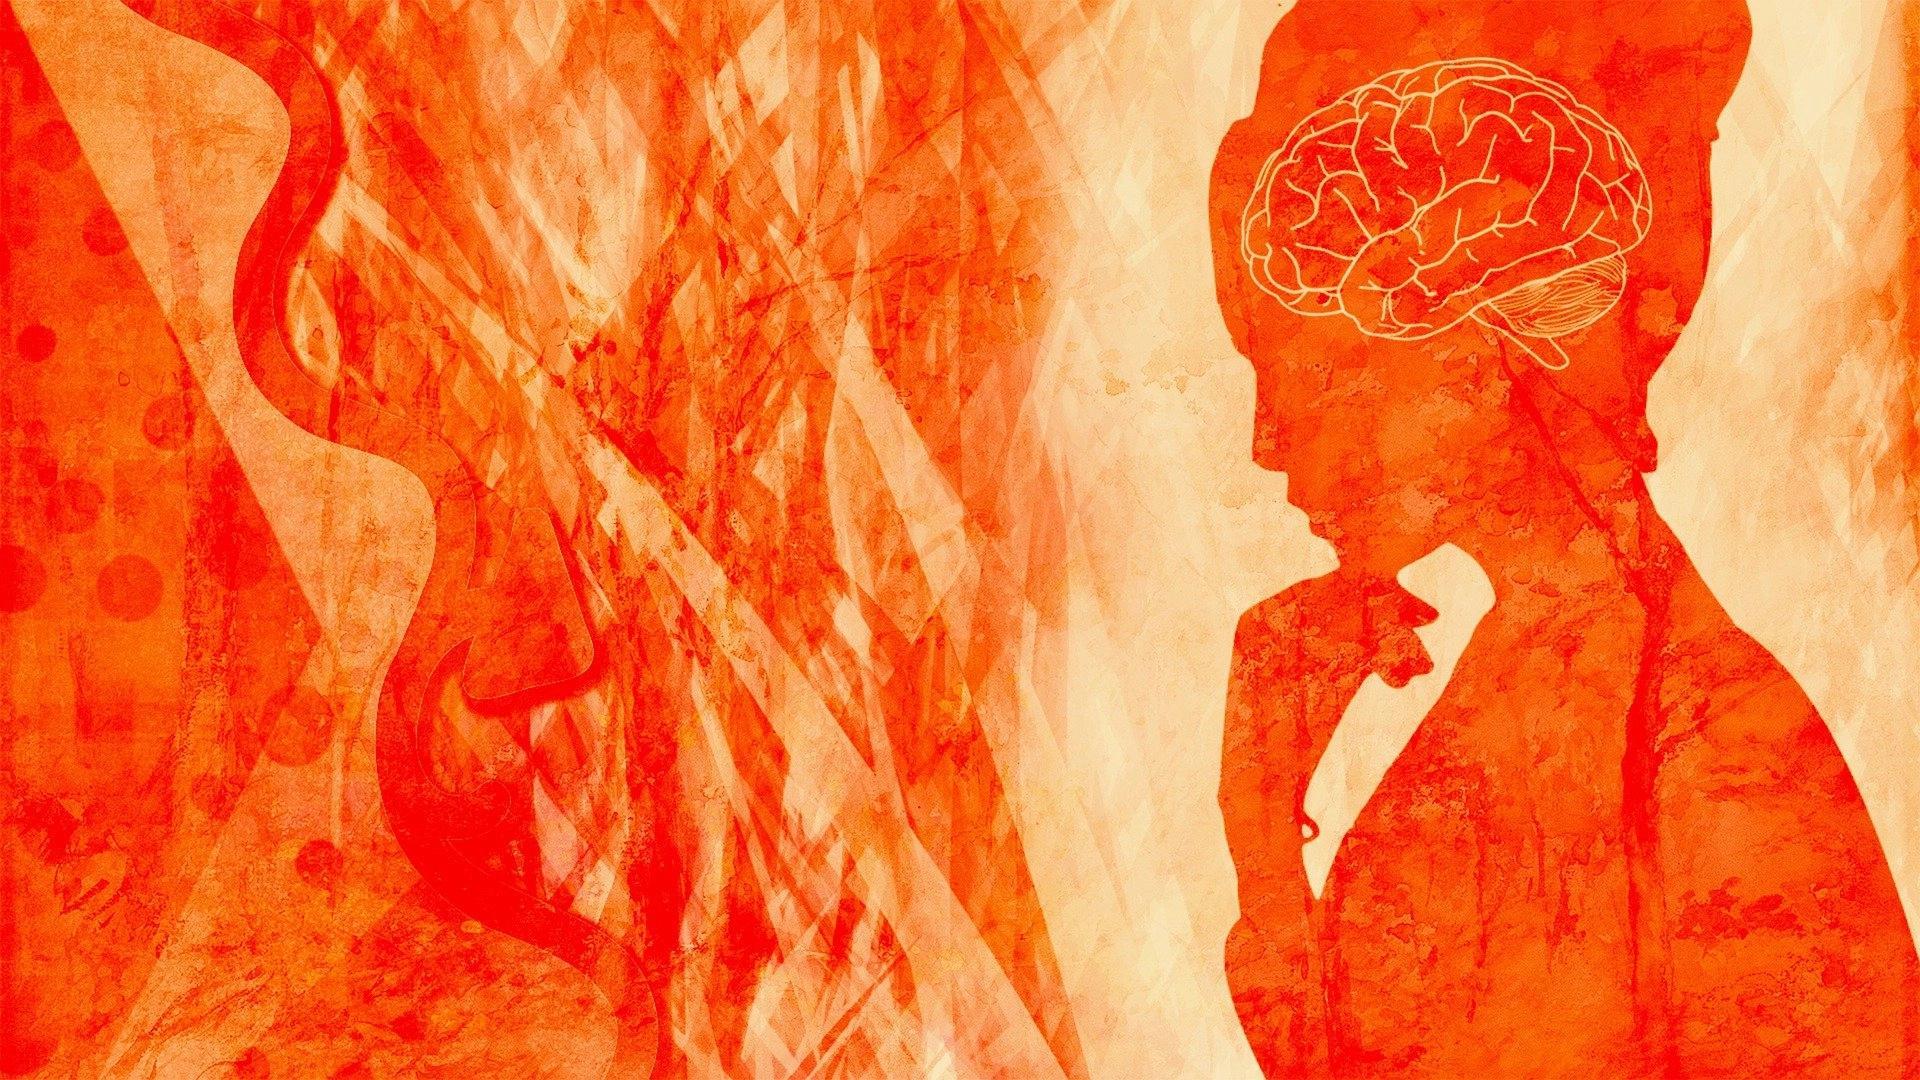 Новый биомаркер поможет выявлять шизофрению по анализу крови